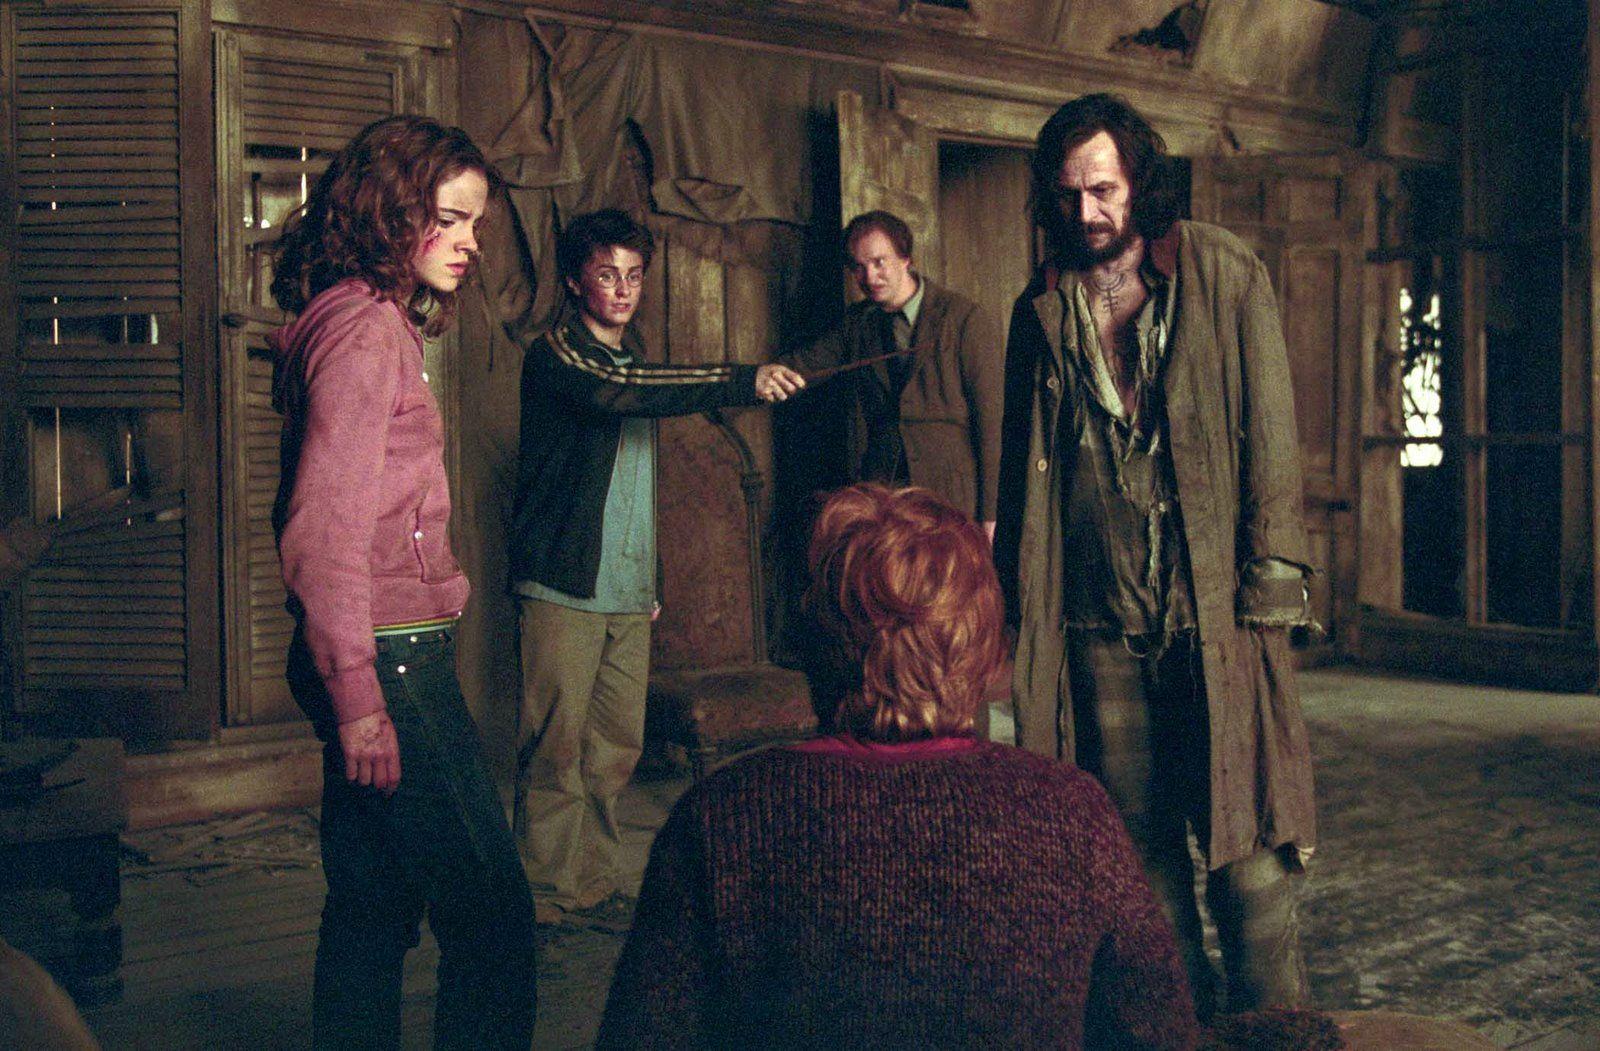 Harry Potter Et Le Prisonnier D Azkaban Film Harry Potter Et Le Prisonnier D Azkaban 2004 Alfonso Cuaron Harry Potter Films Prisoner Of Azkaban Kijken